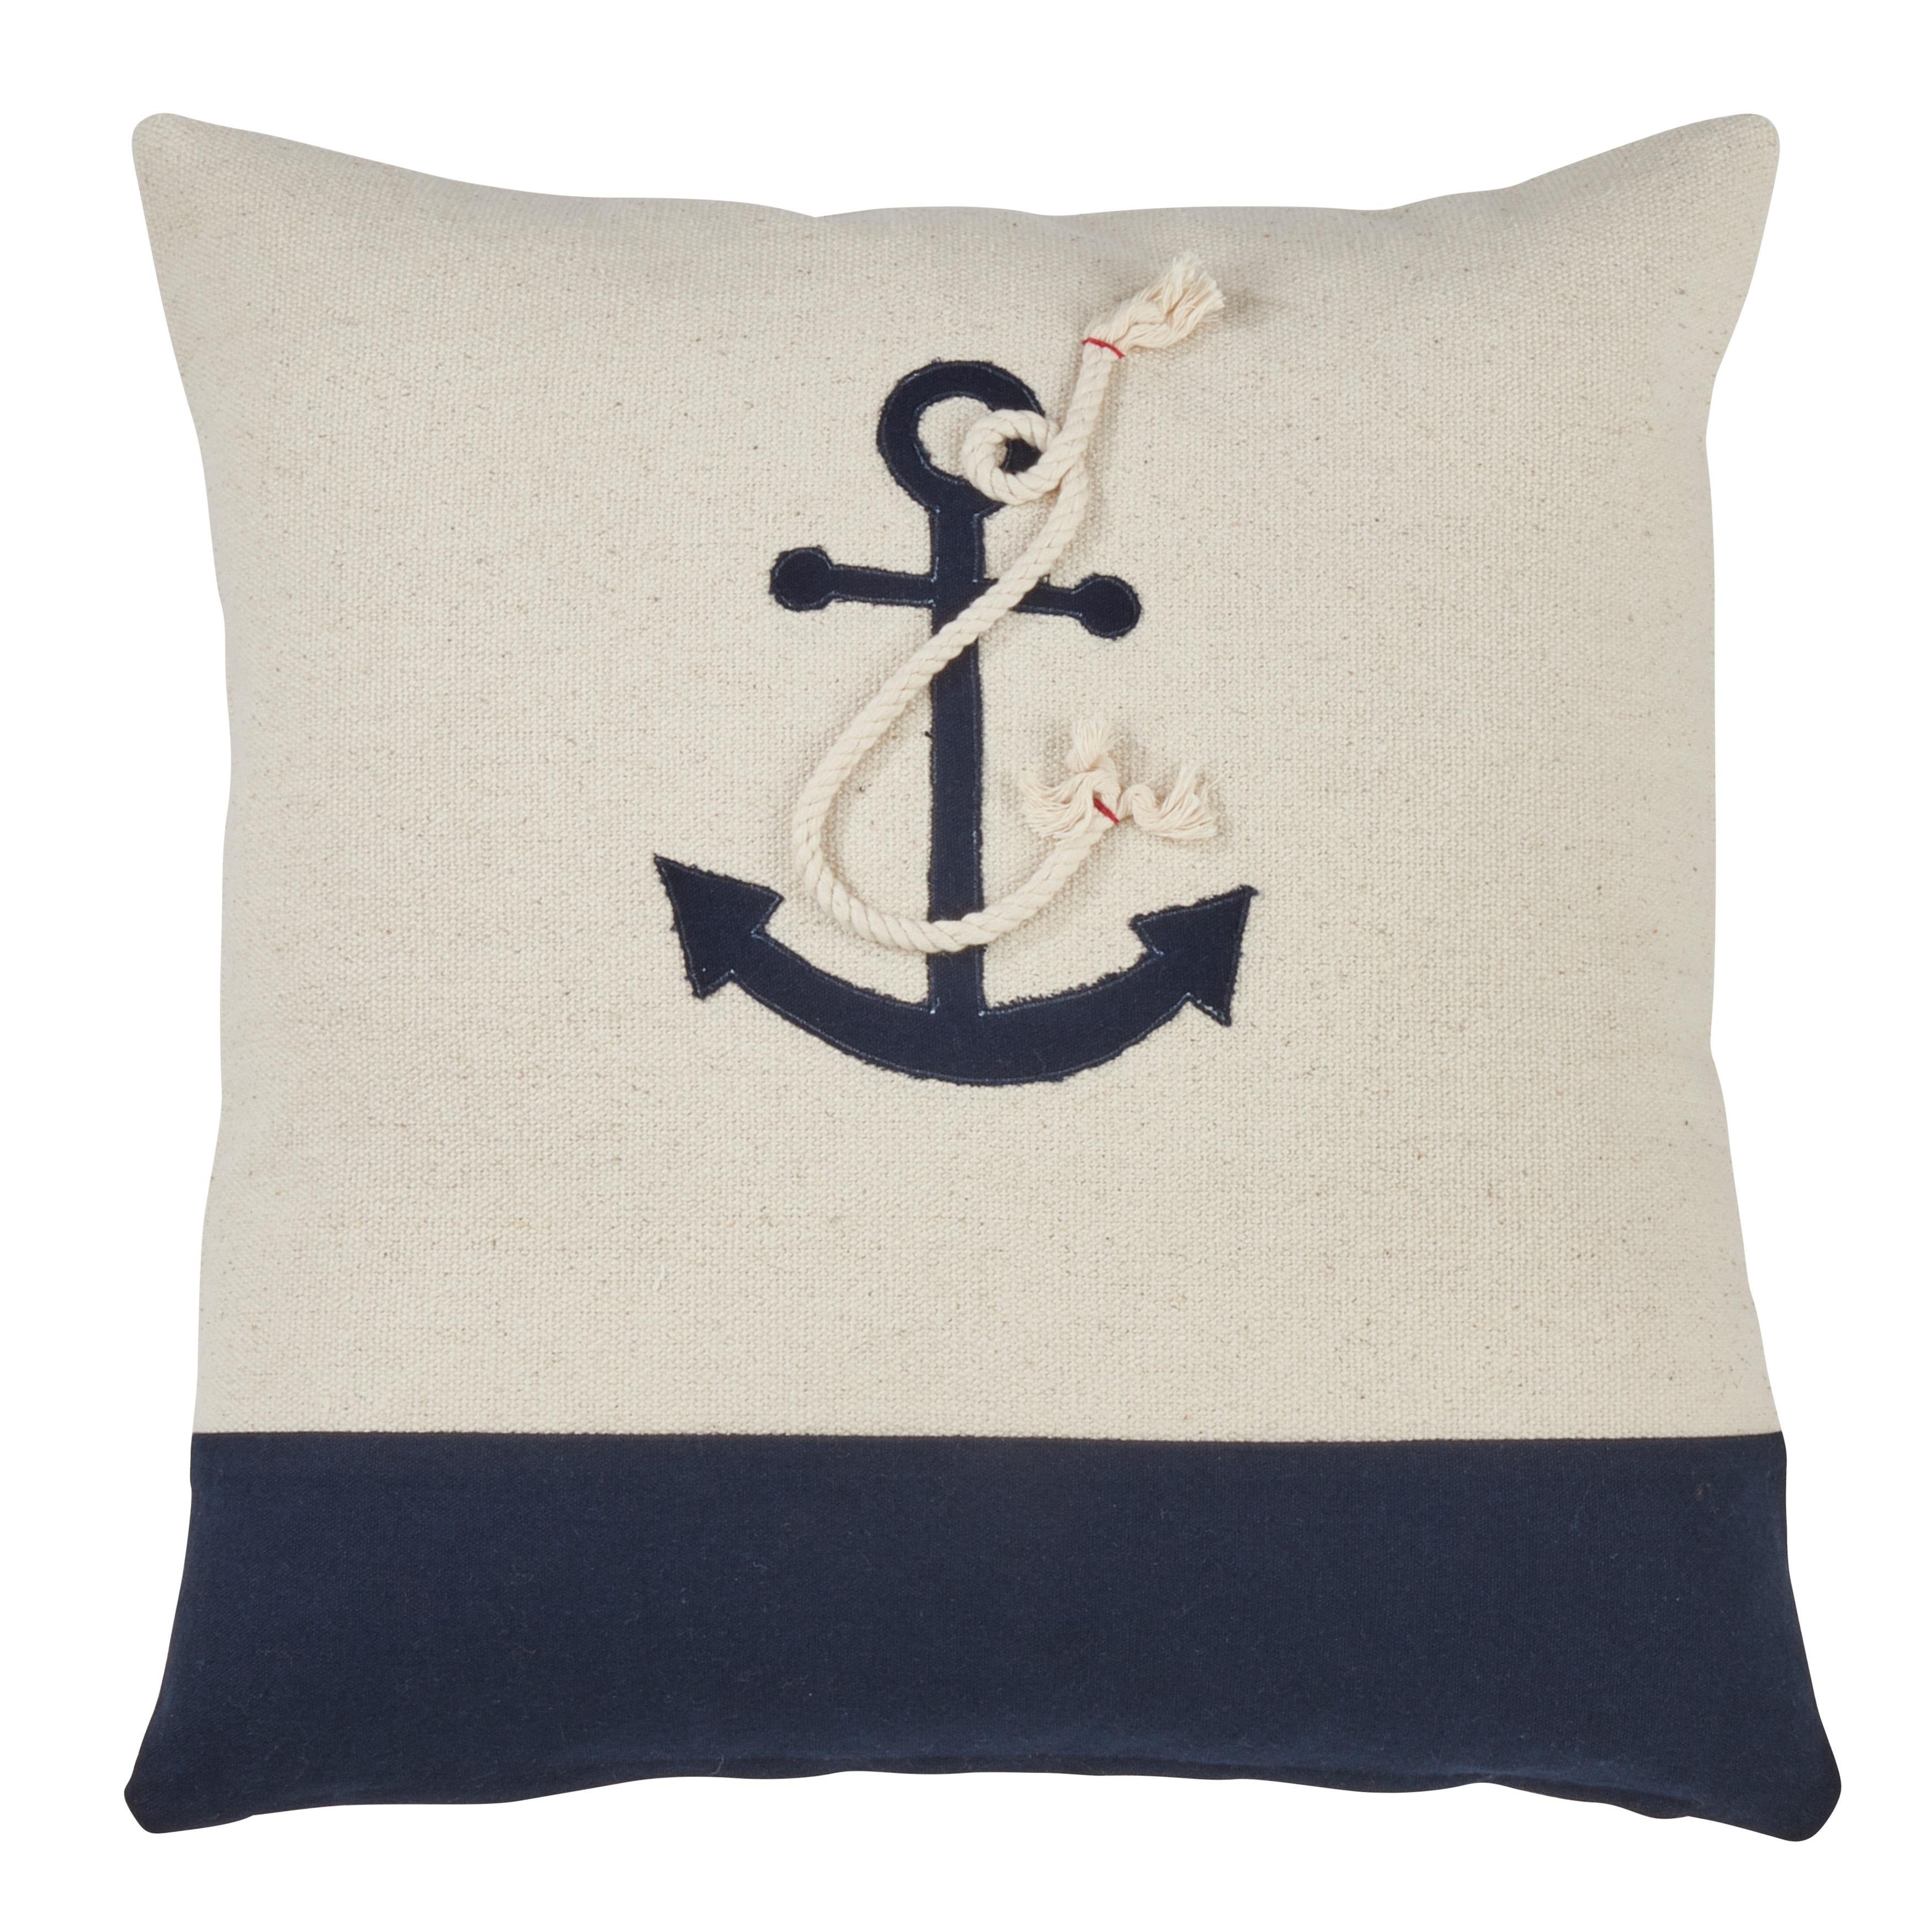 Saro Lifestyle Anchor Design Down-filled Cotton Throw Pillow